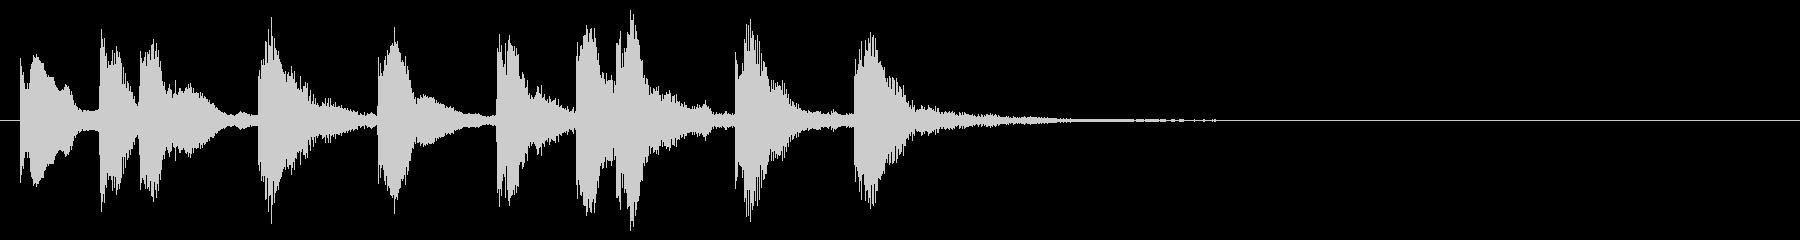 のほほんジングル018_かわいいの未再生の波形